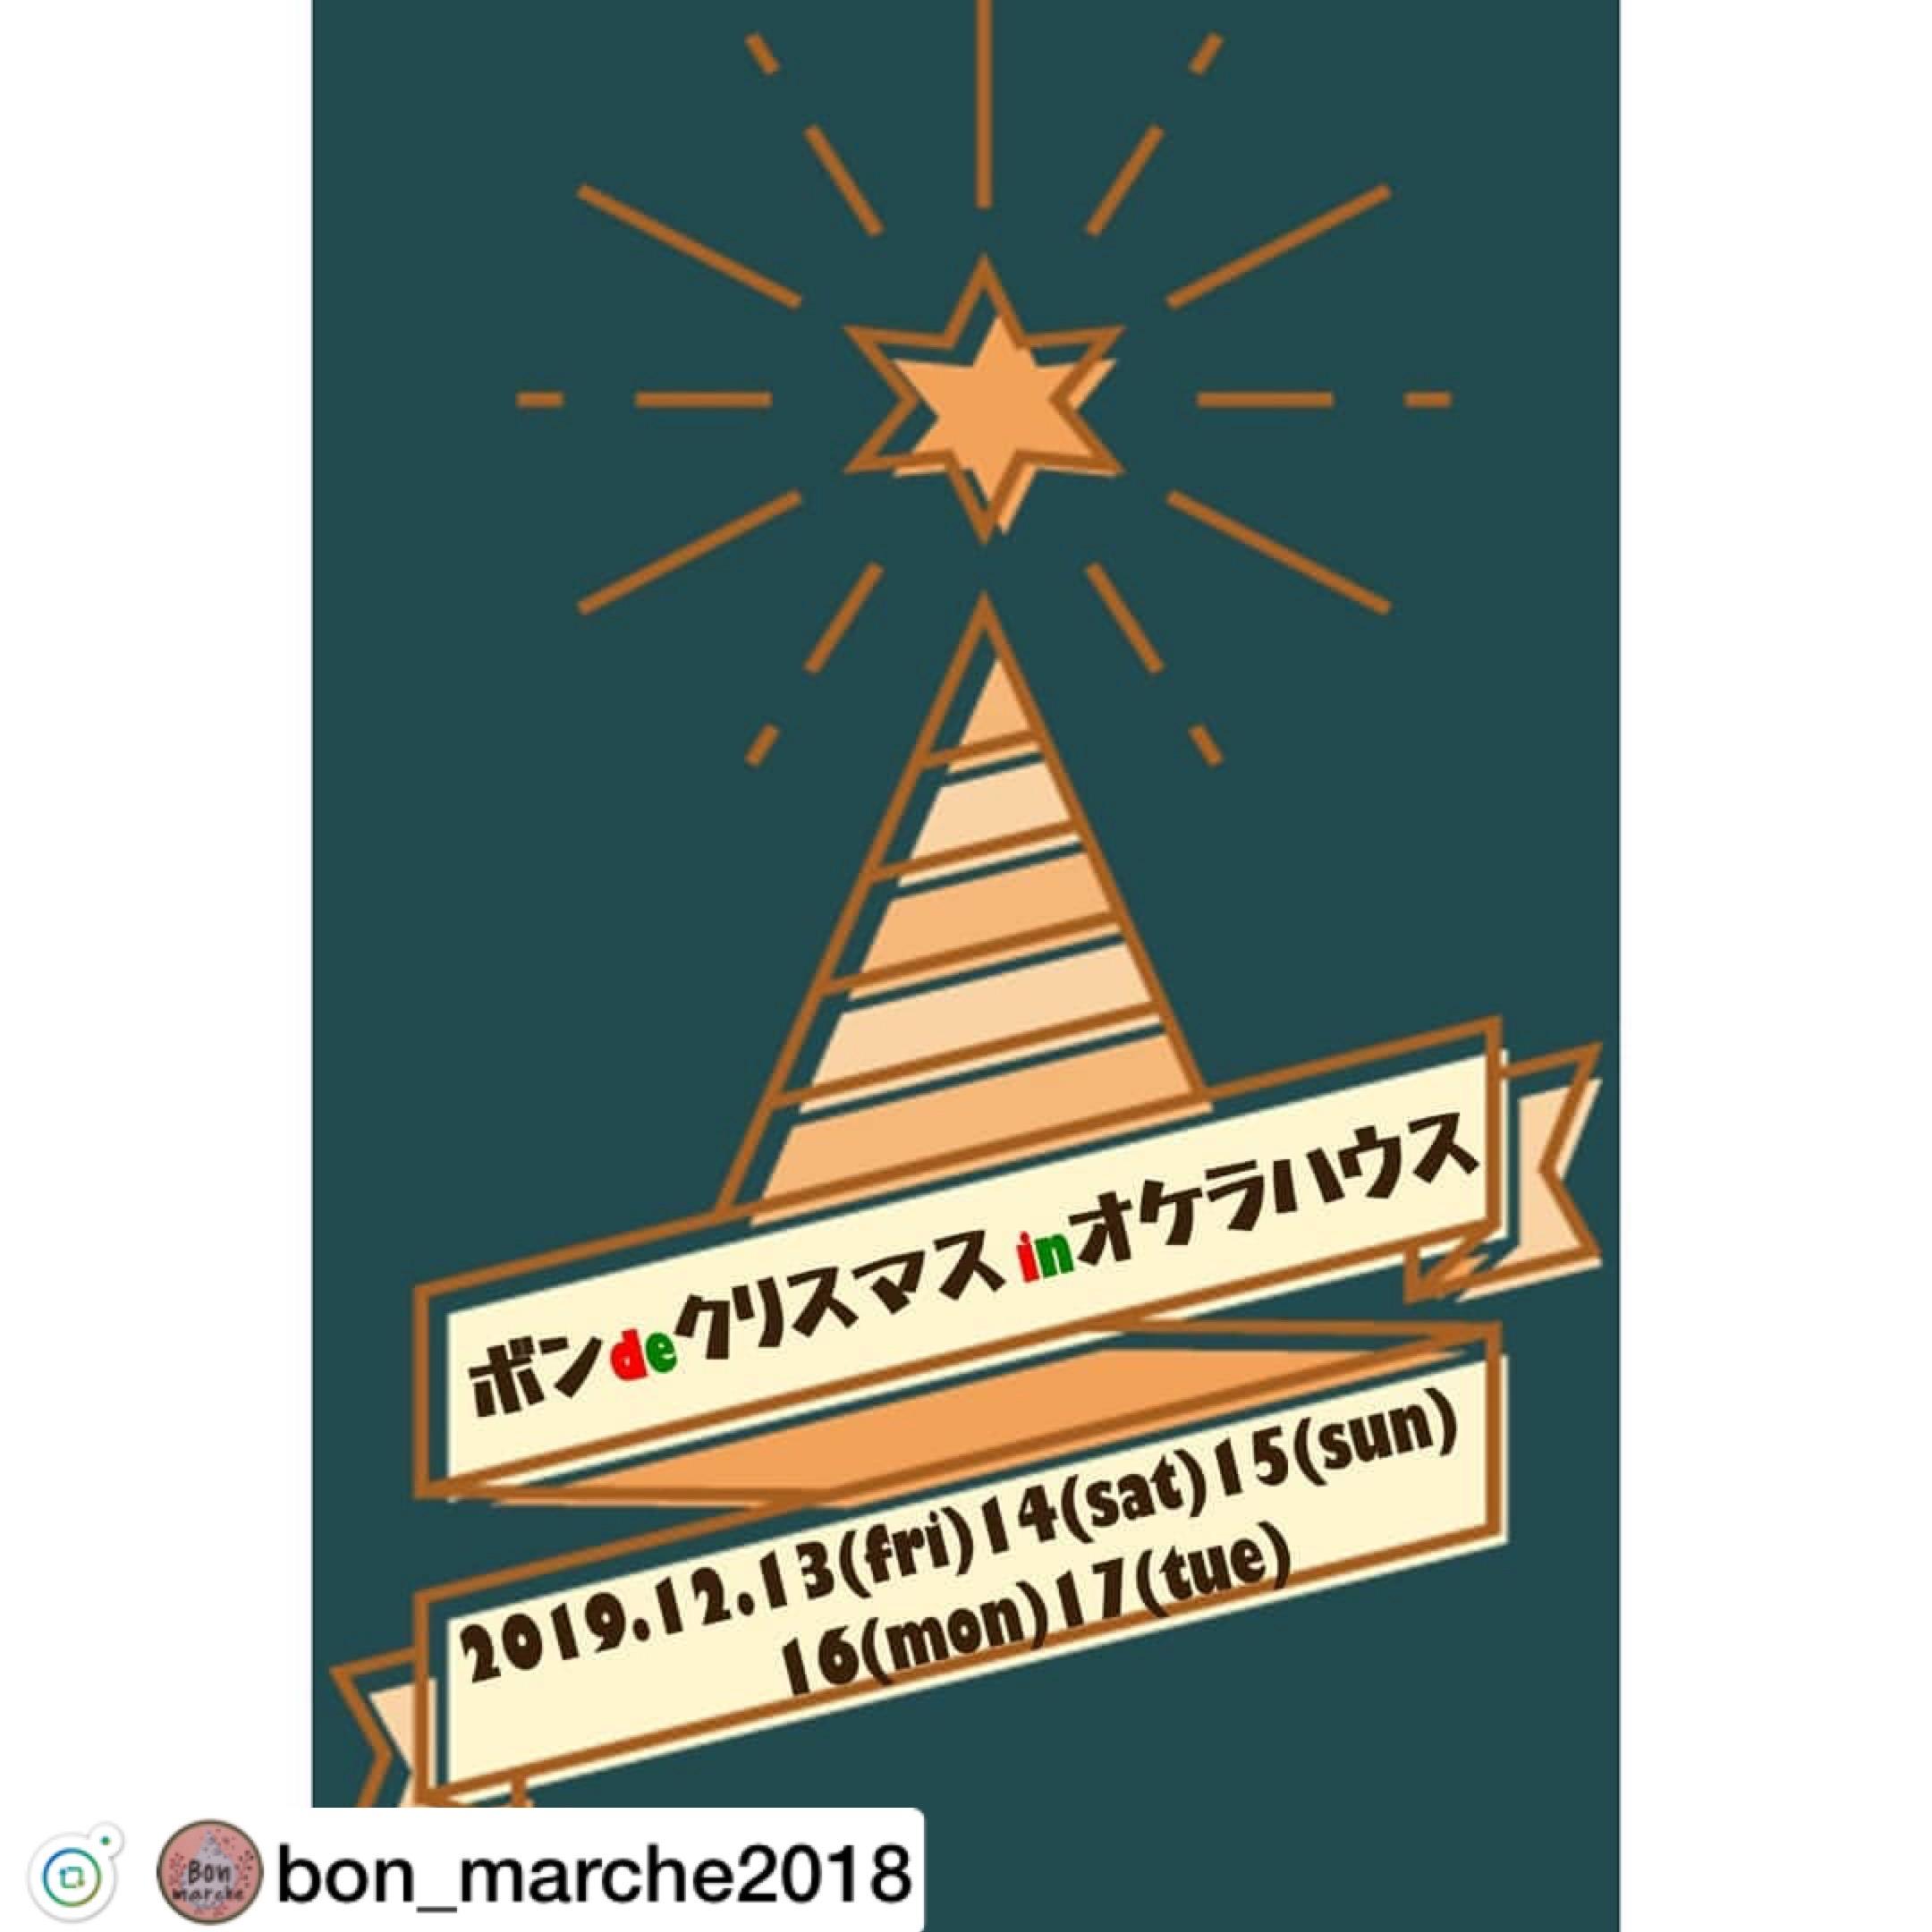 ボン de クリスマス in オケラハウス